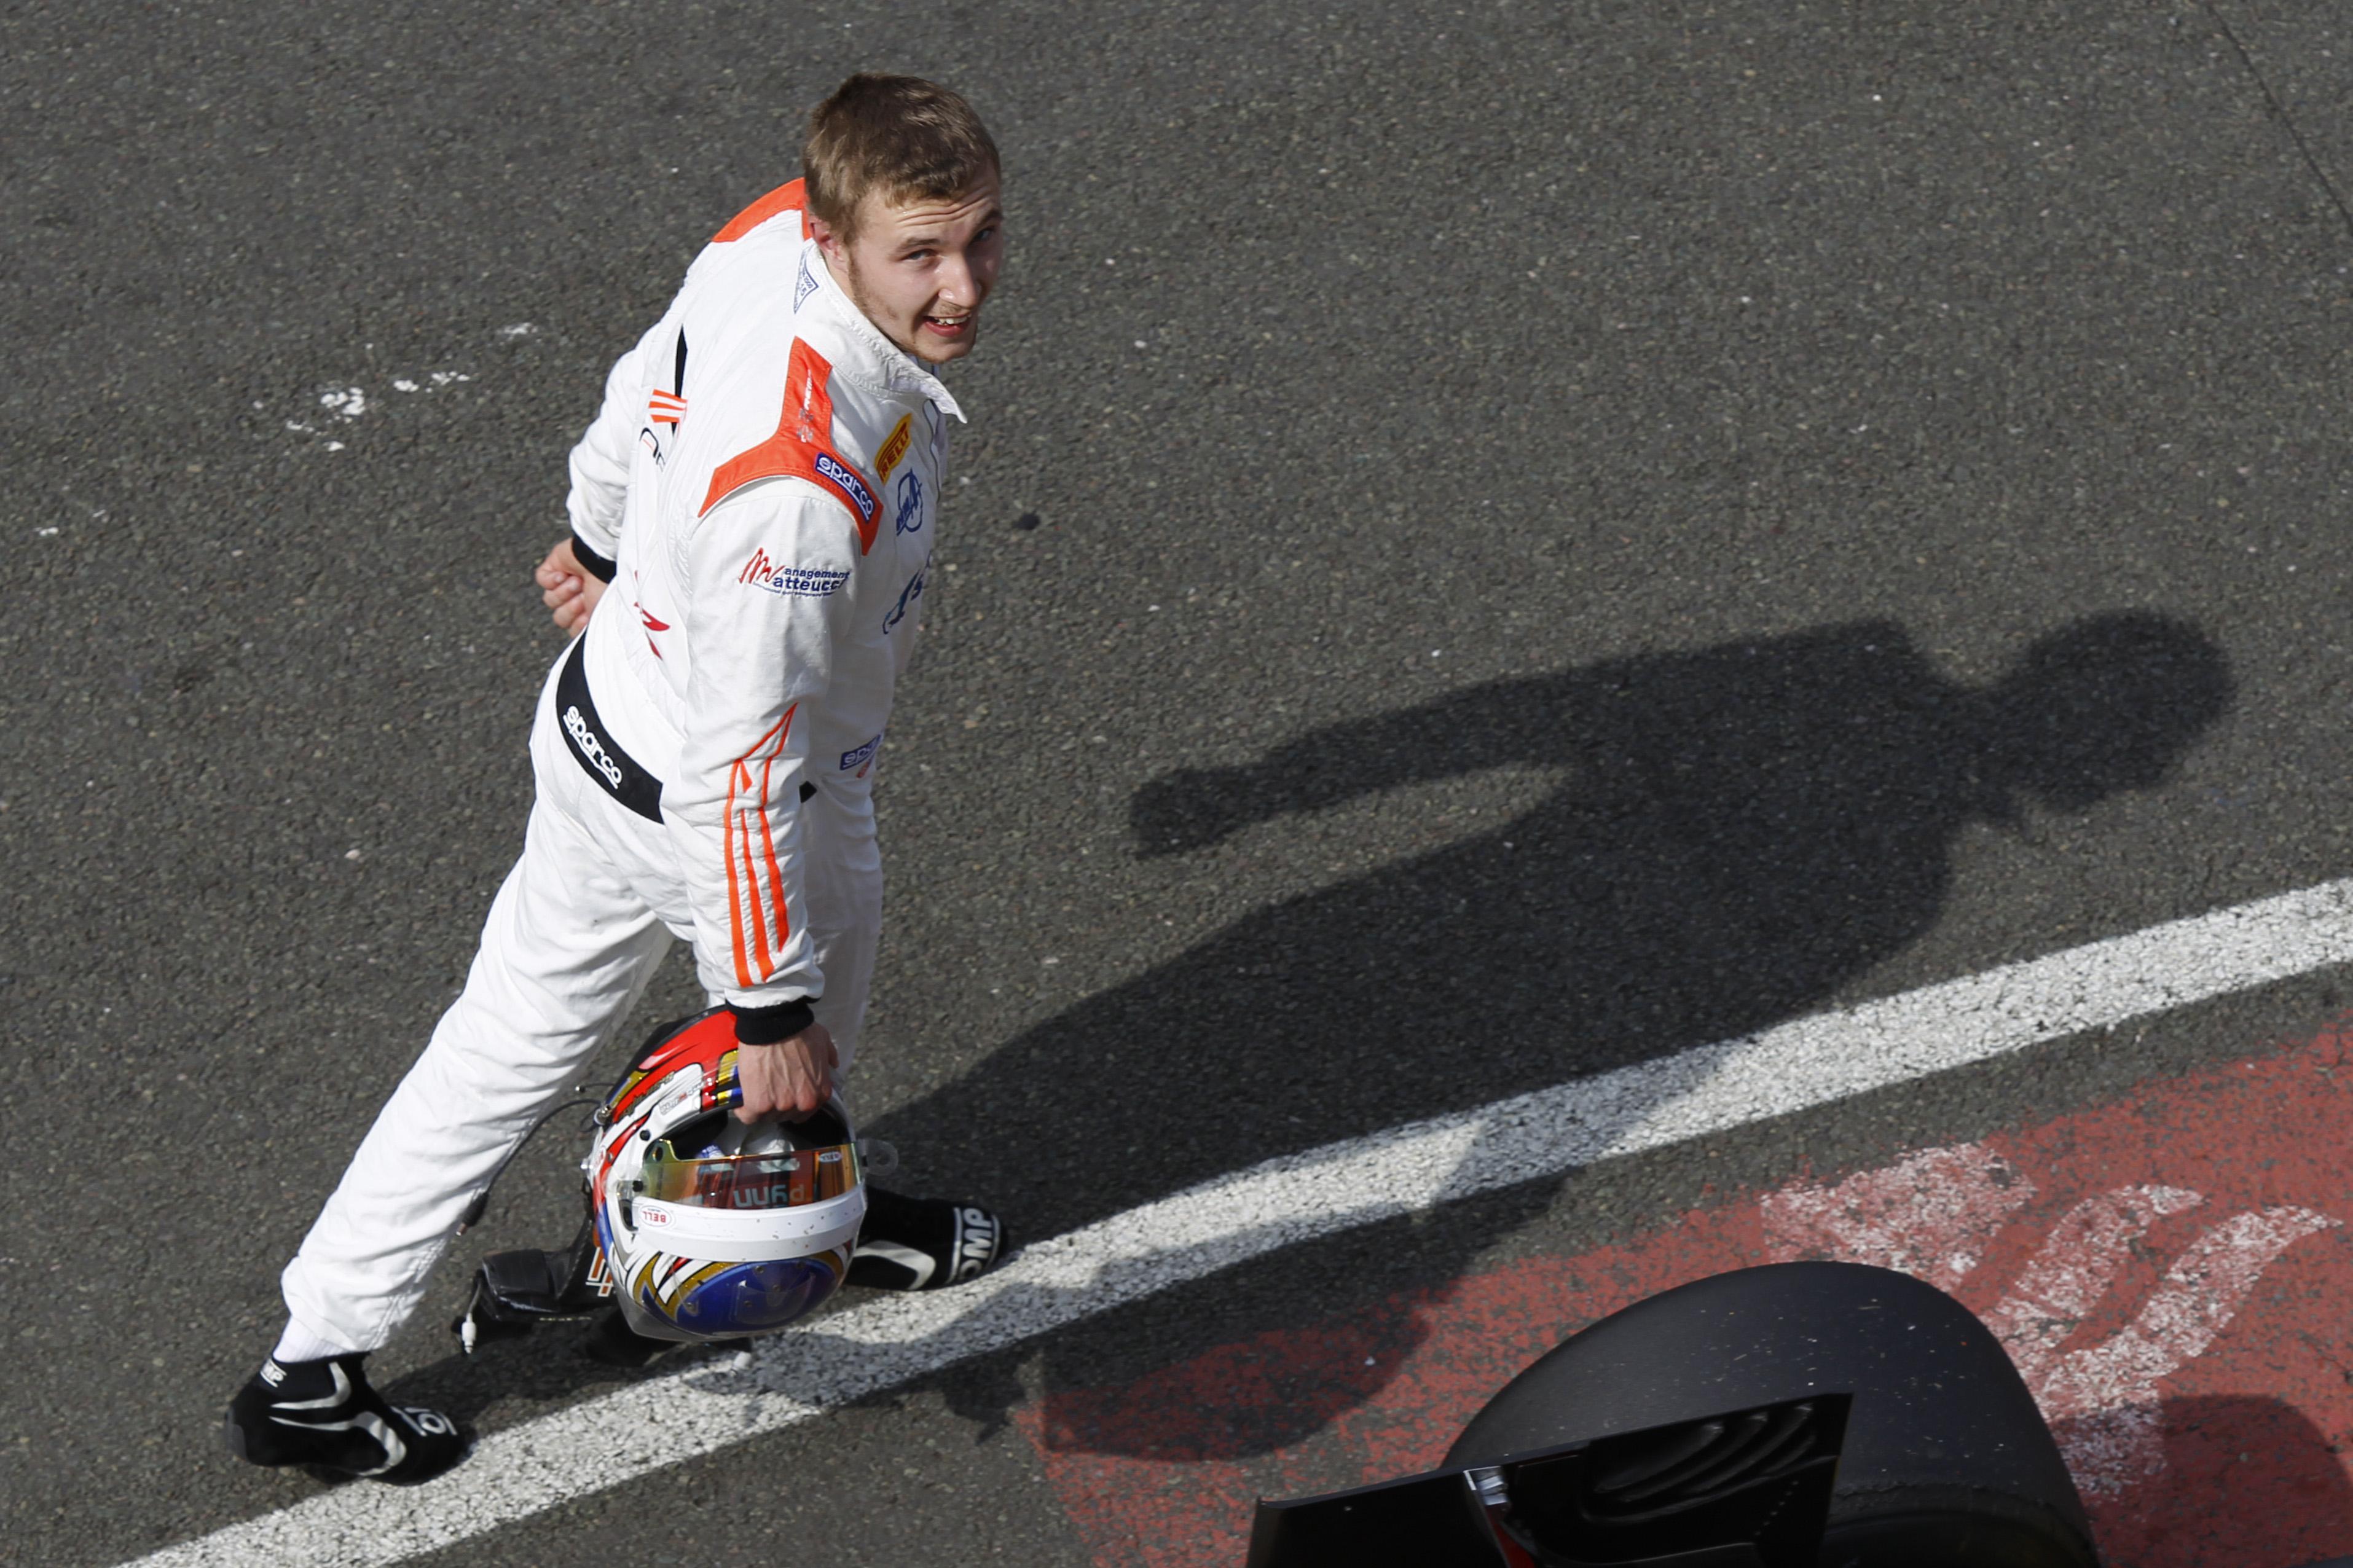 Sergey Sirotkin a de grandes ambitions pour 2016